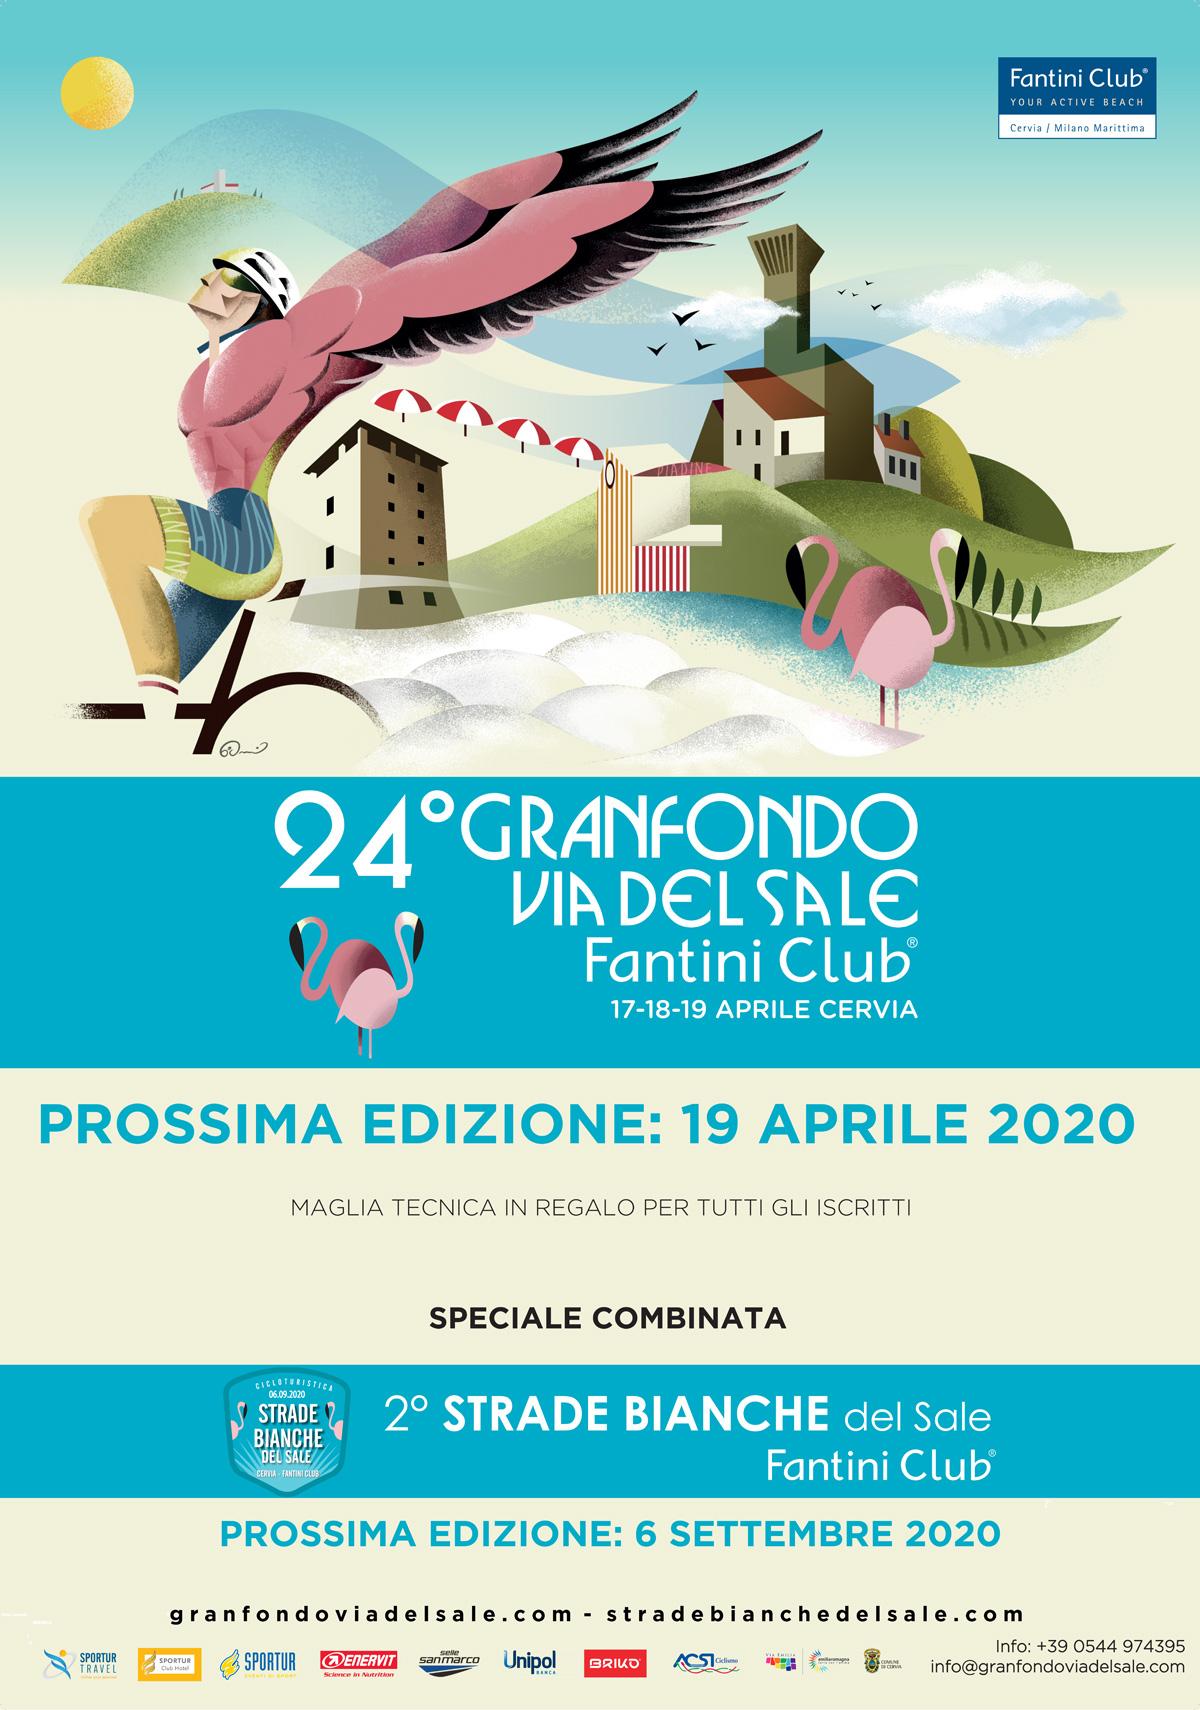 La locandina ufficiale della Granfondo Via del Sale Fantini Club 2020 a Cervia